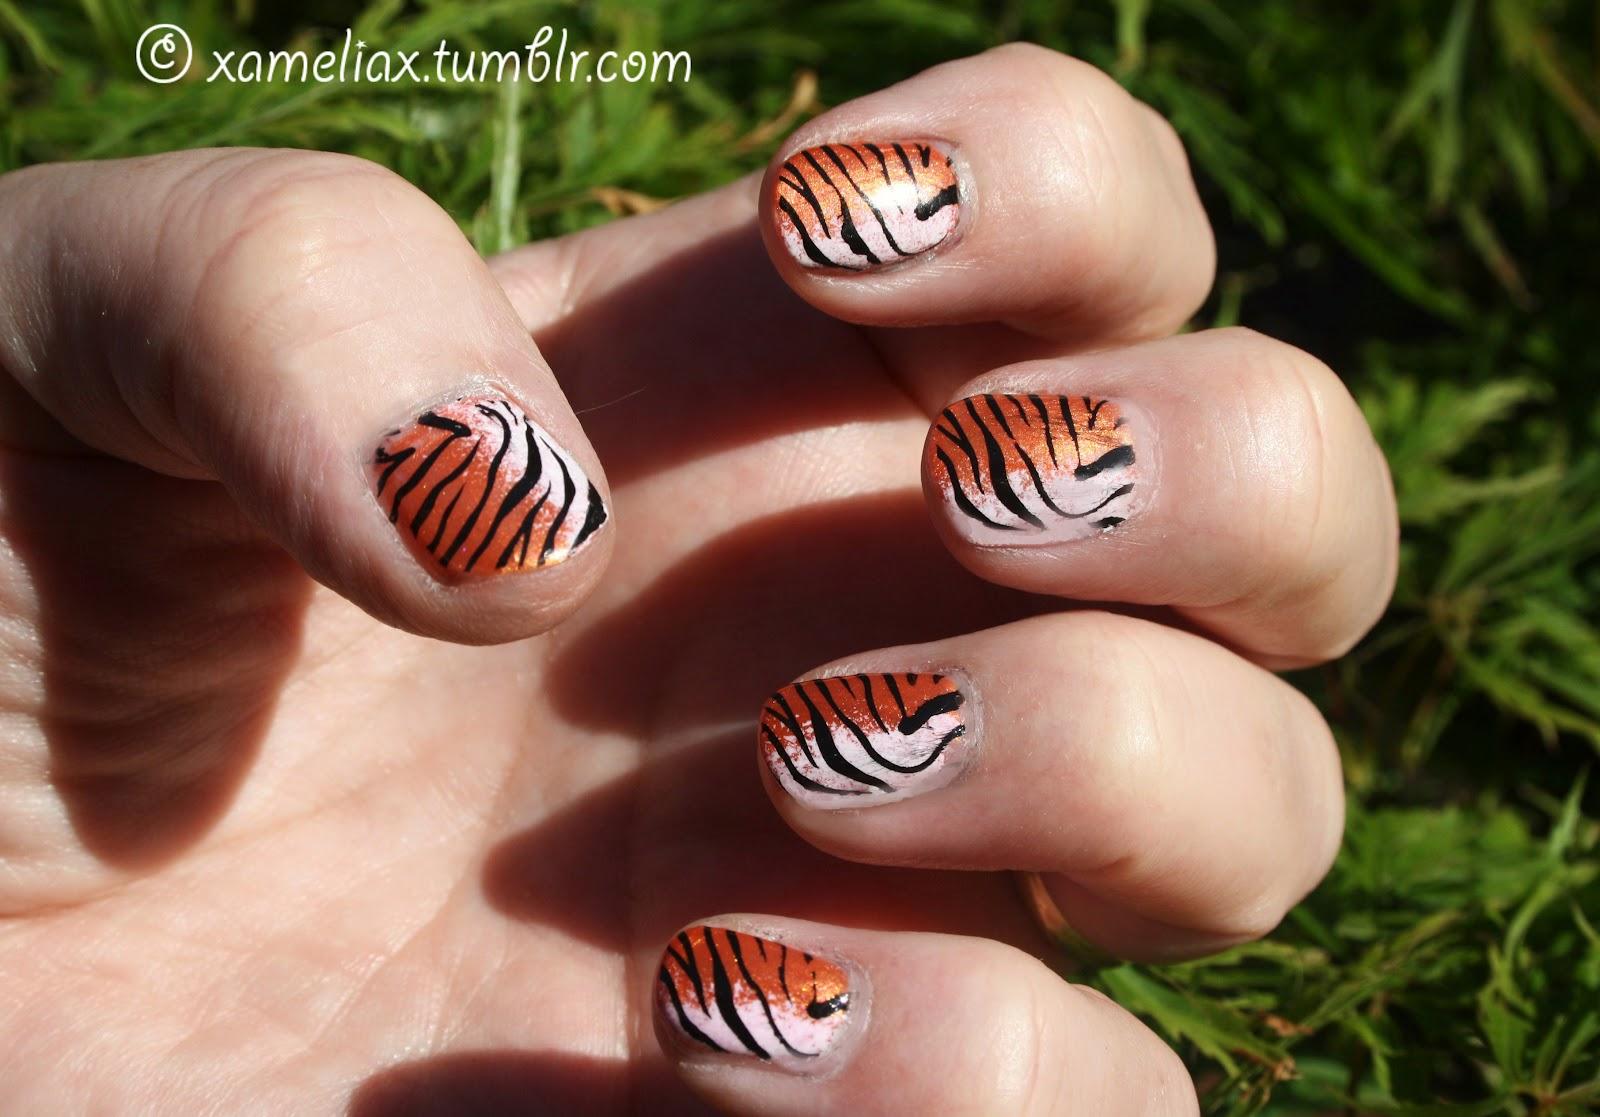 amelia paints nails tiger print nails tiger print nails prinsesfo Choice Image